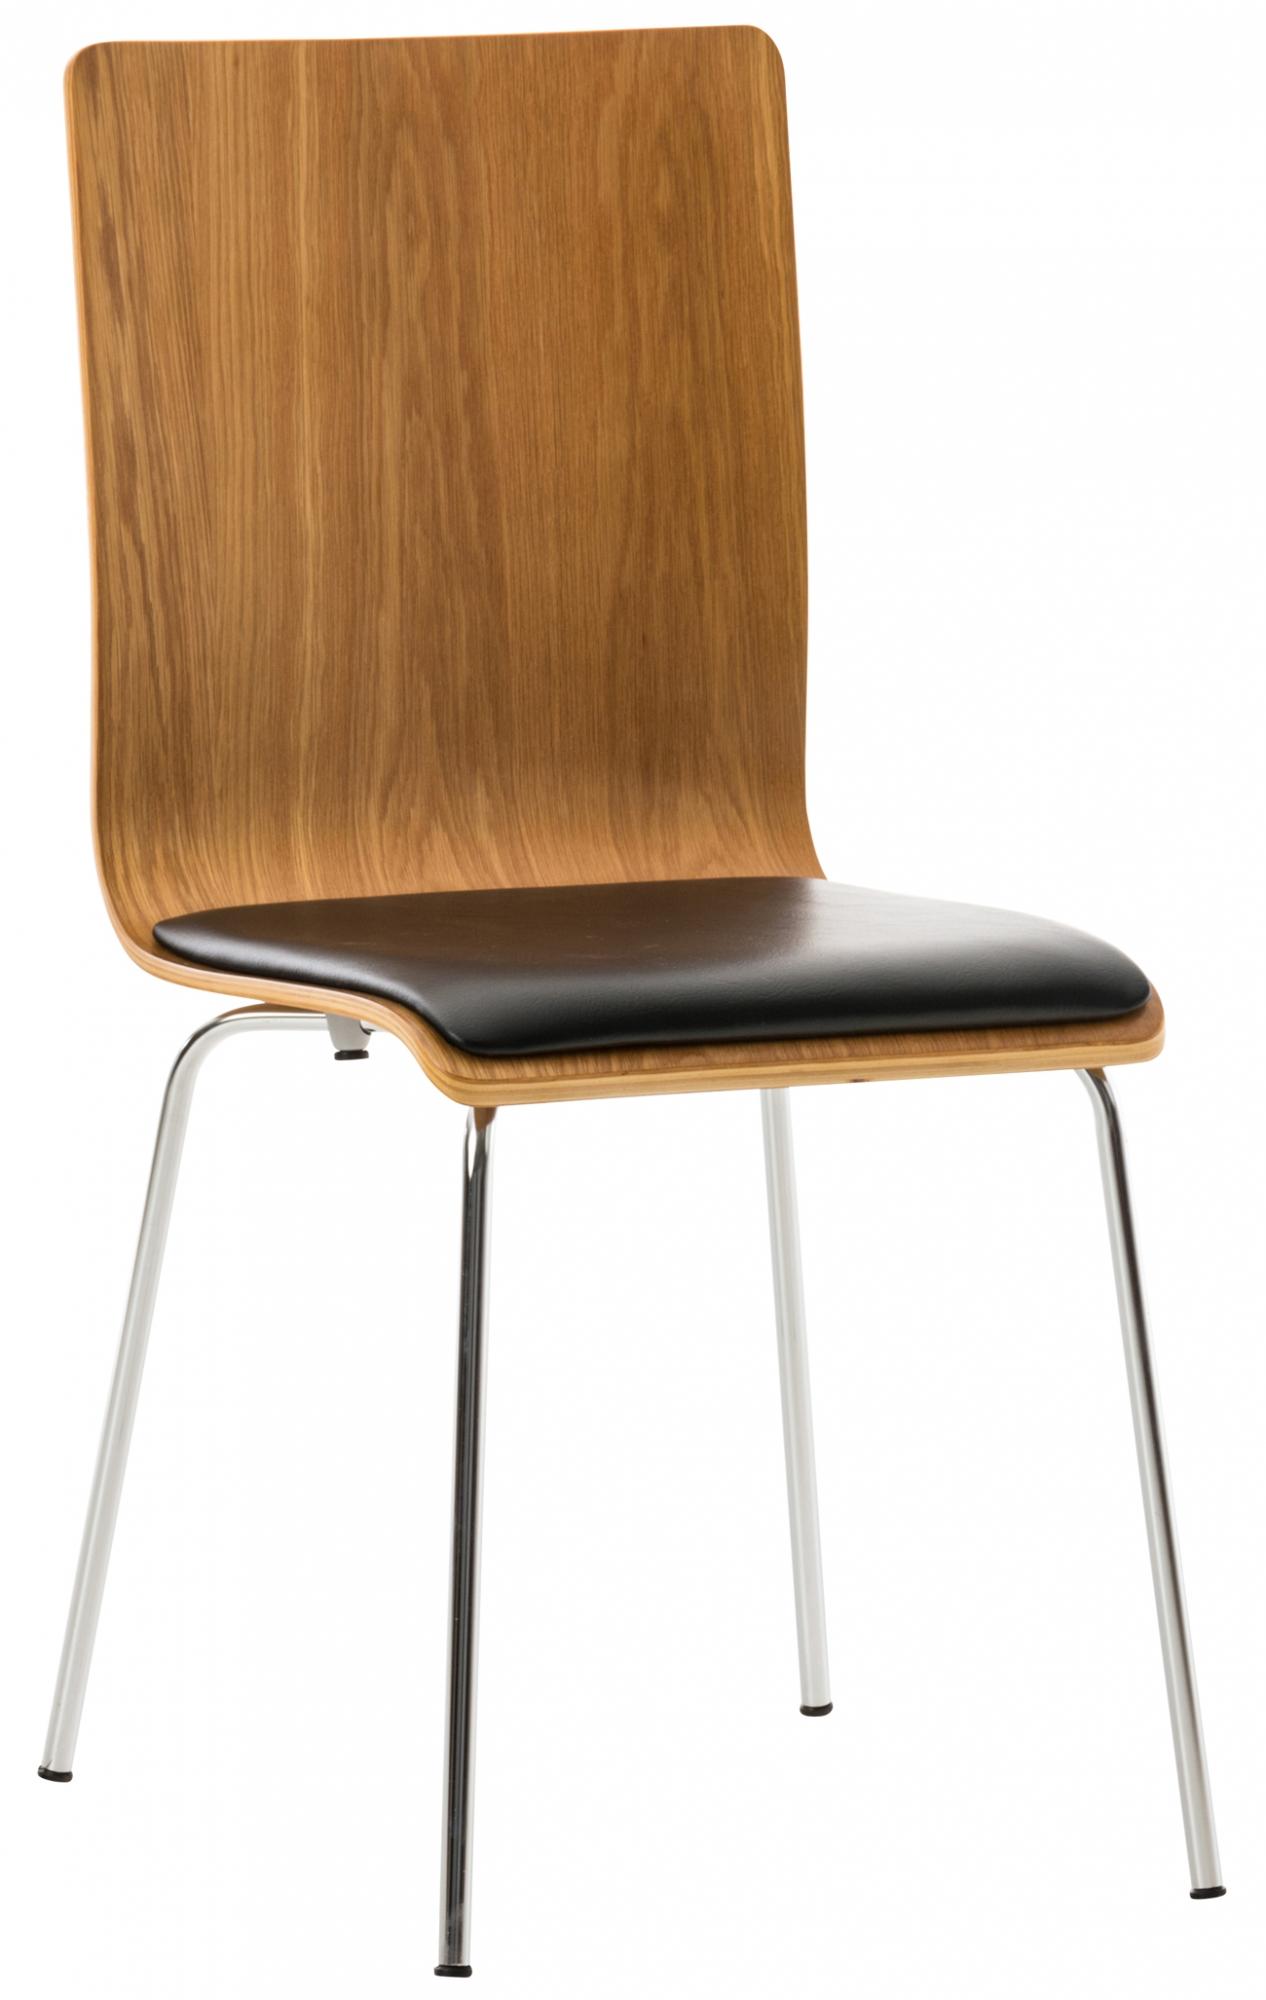 Překližková jídelní židle Pepino, dub/černá